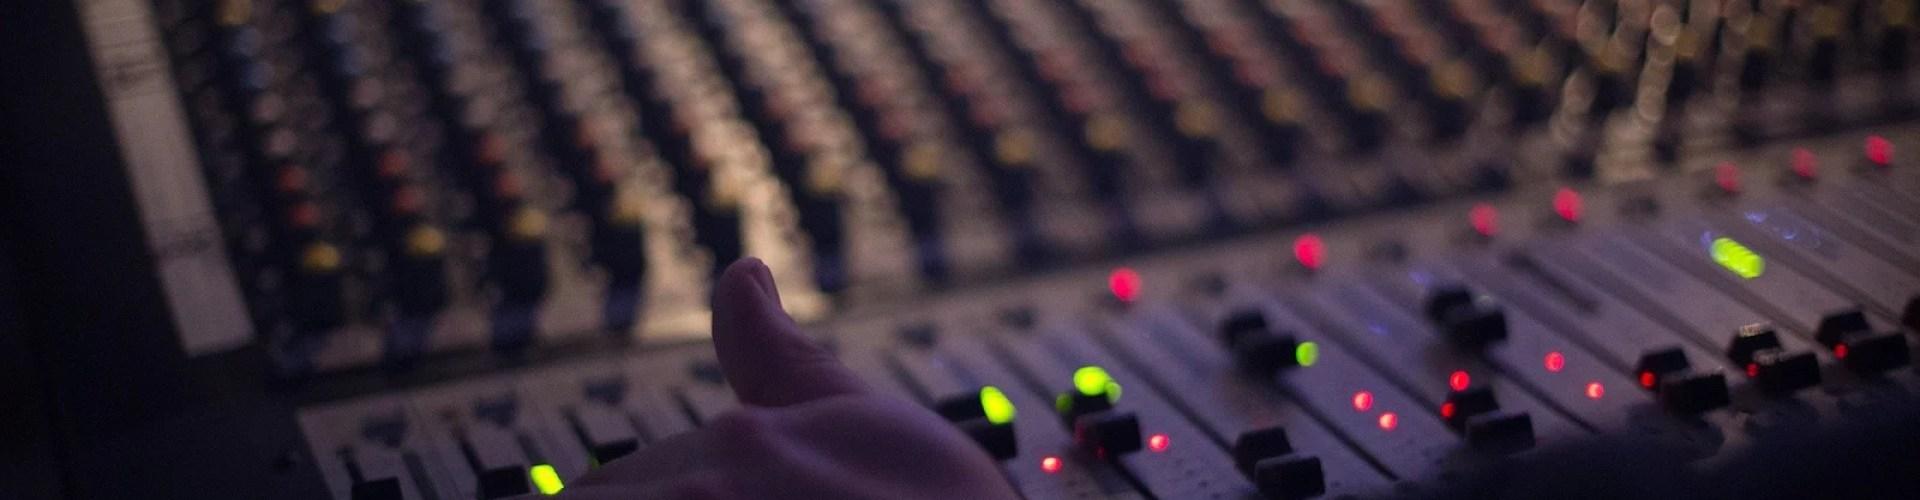 audio 1839162 1920 - Música Nacional é mais ouvida do que a Internacional nas rádios do Brasil?